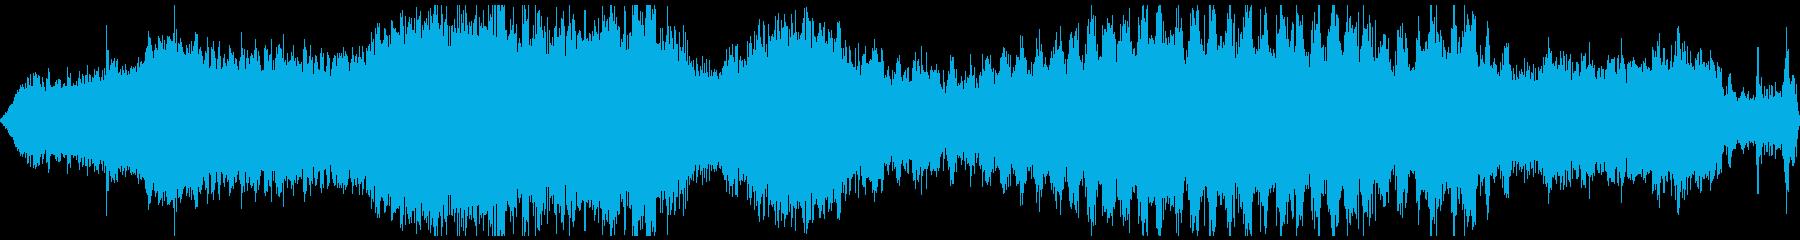 ダーク・サウンドスケイプ 12 滅亡都市の再生済みの波形